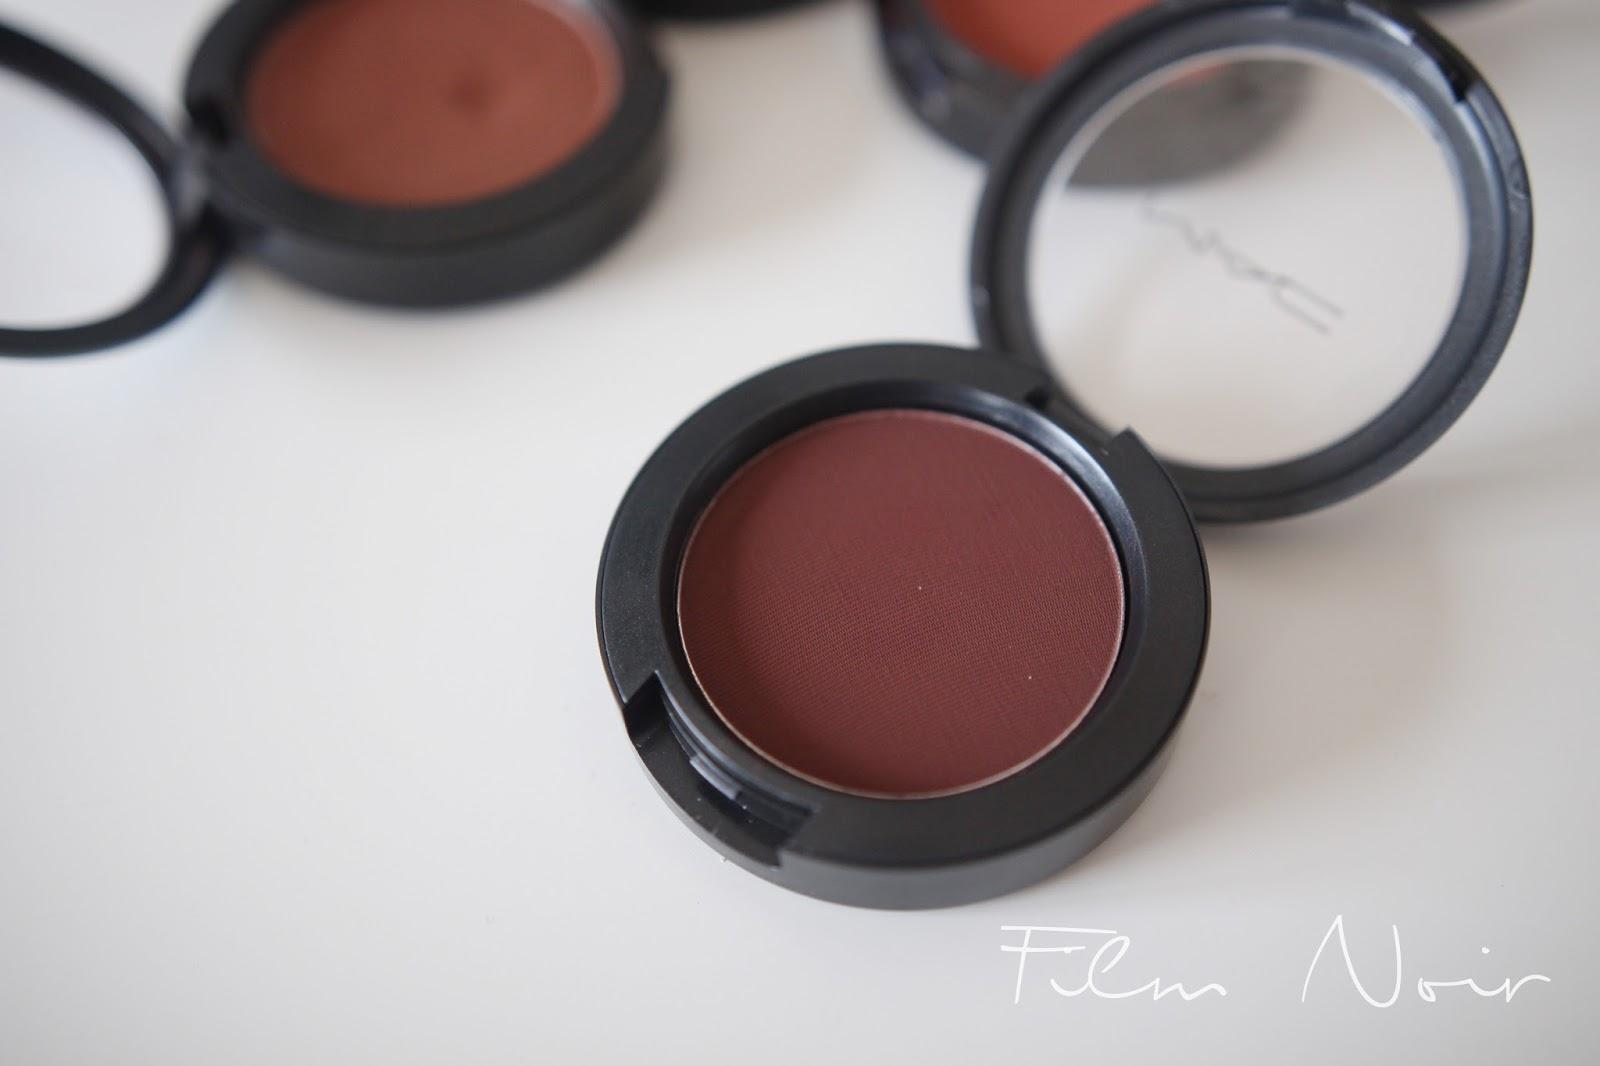 Mac Cosmetics Powder Blush Makeupalley